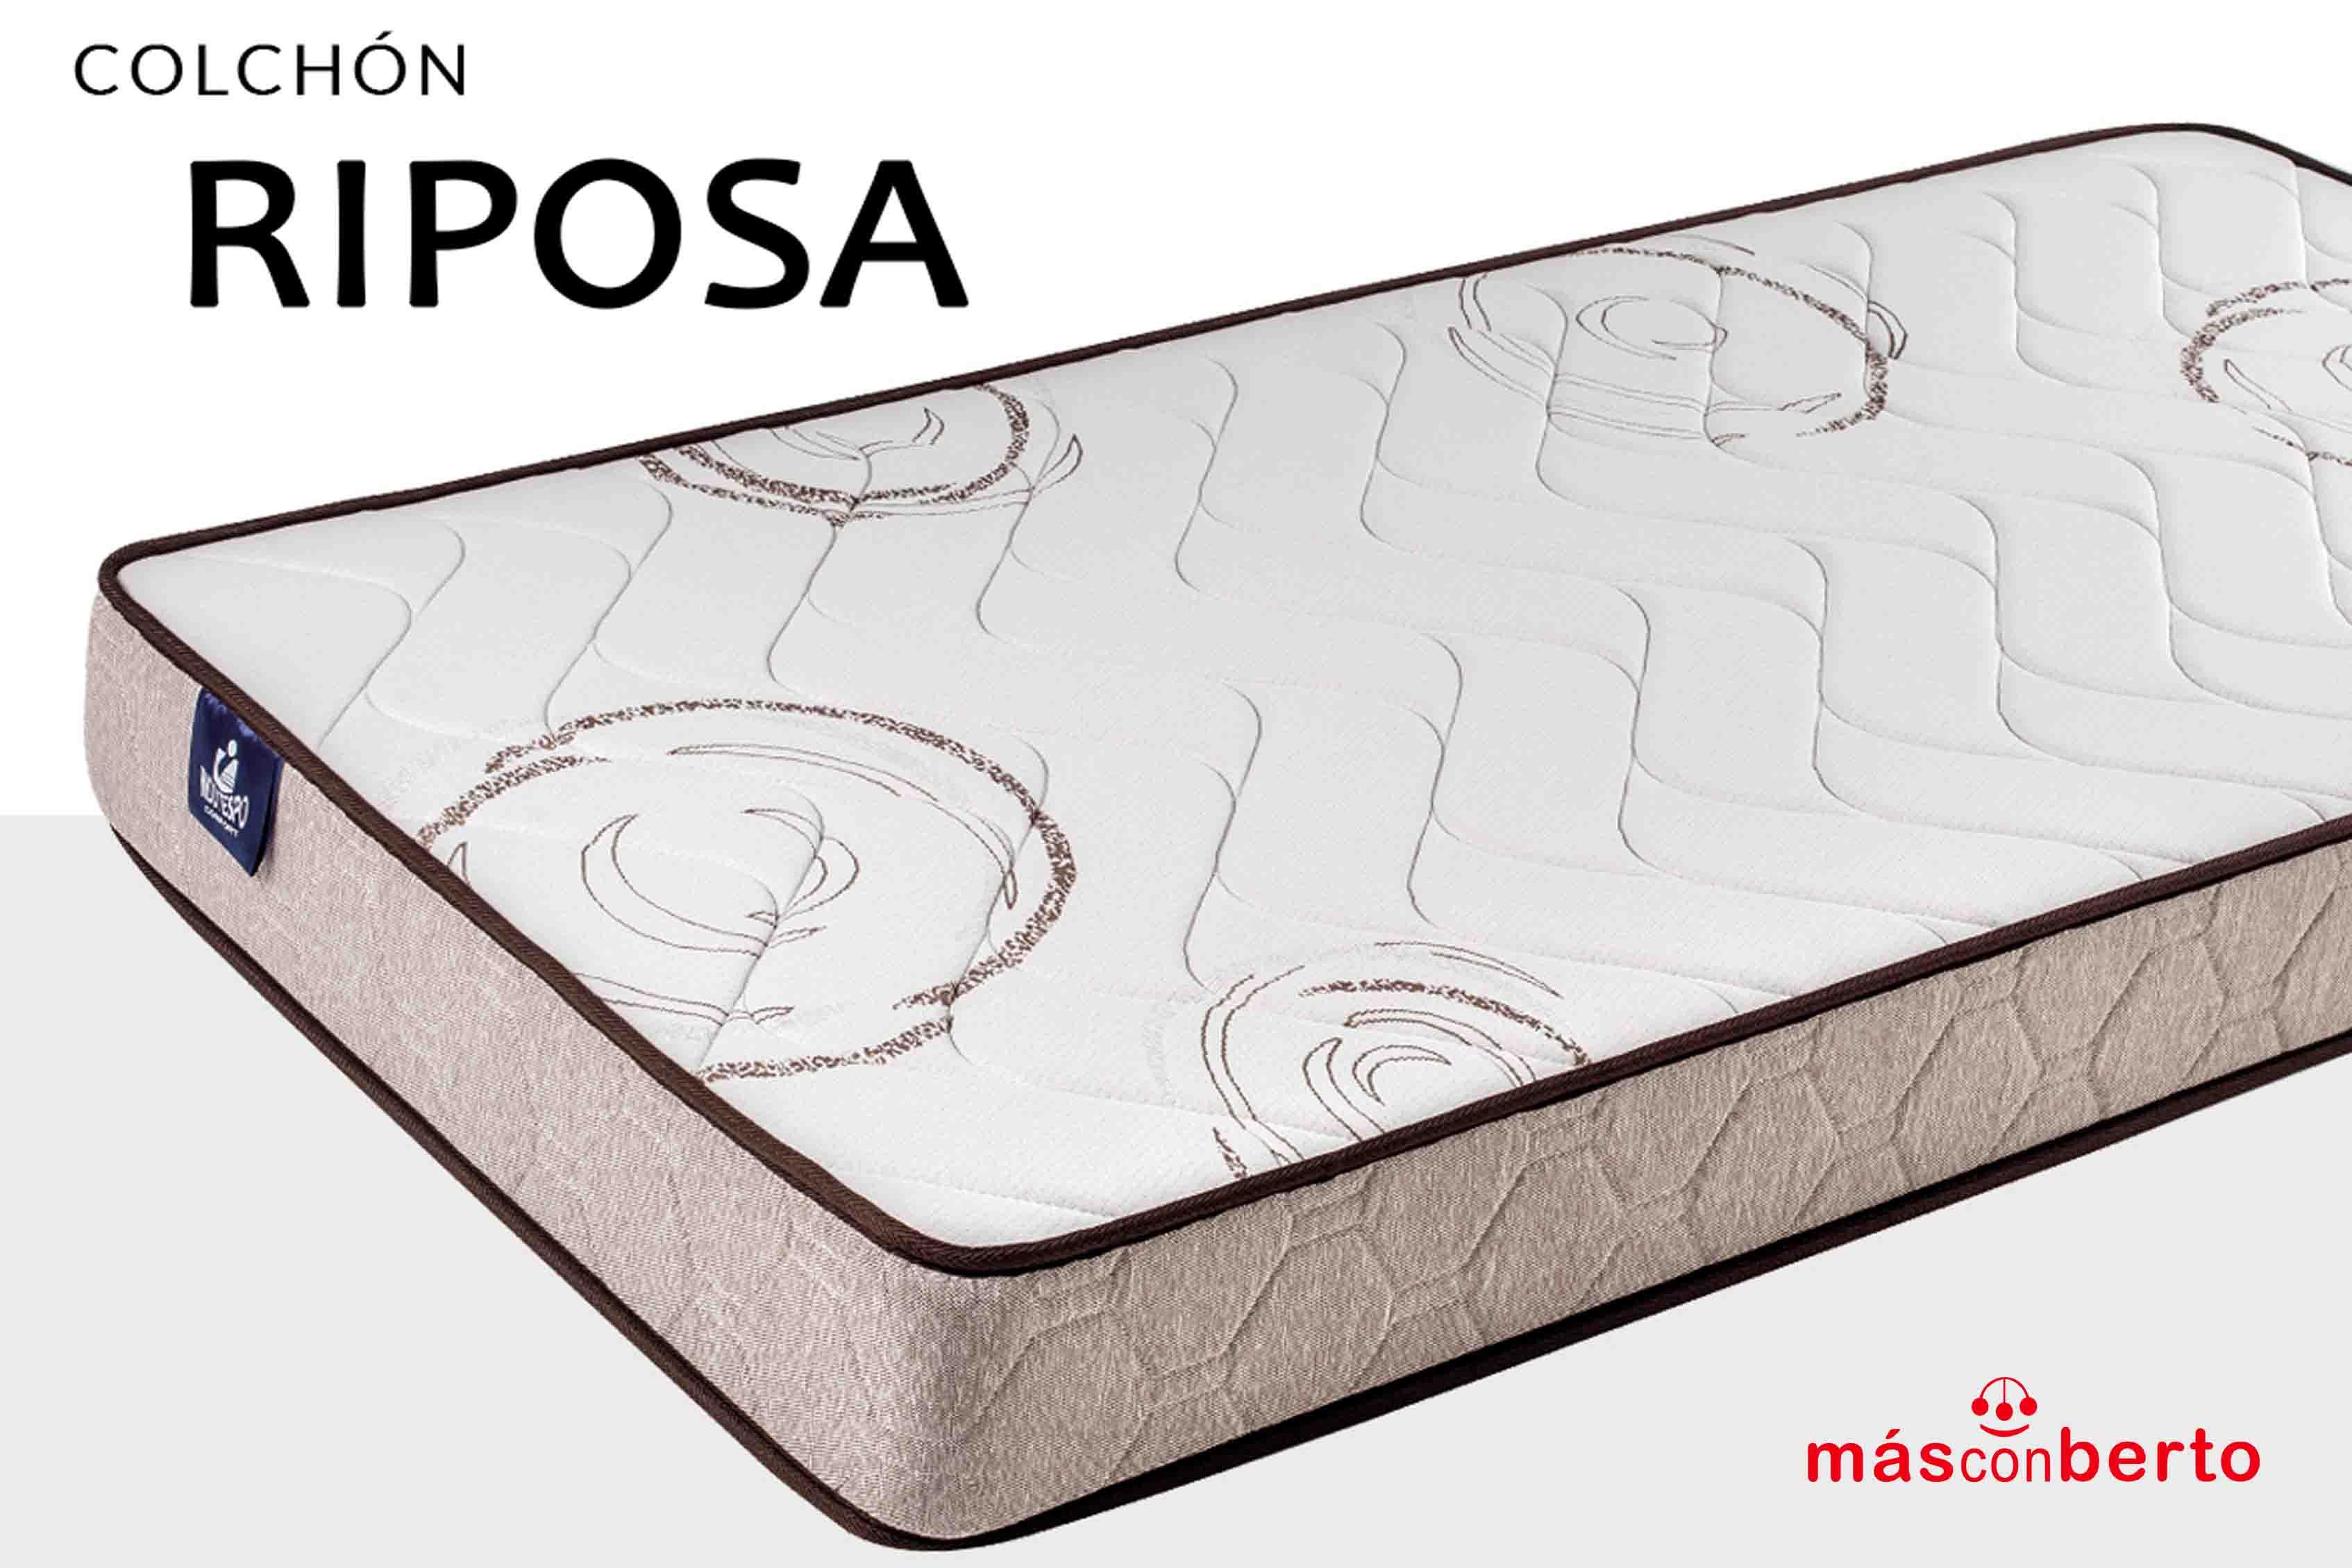 Colchon Riposa 150x190